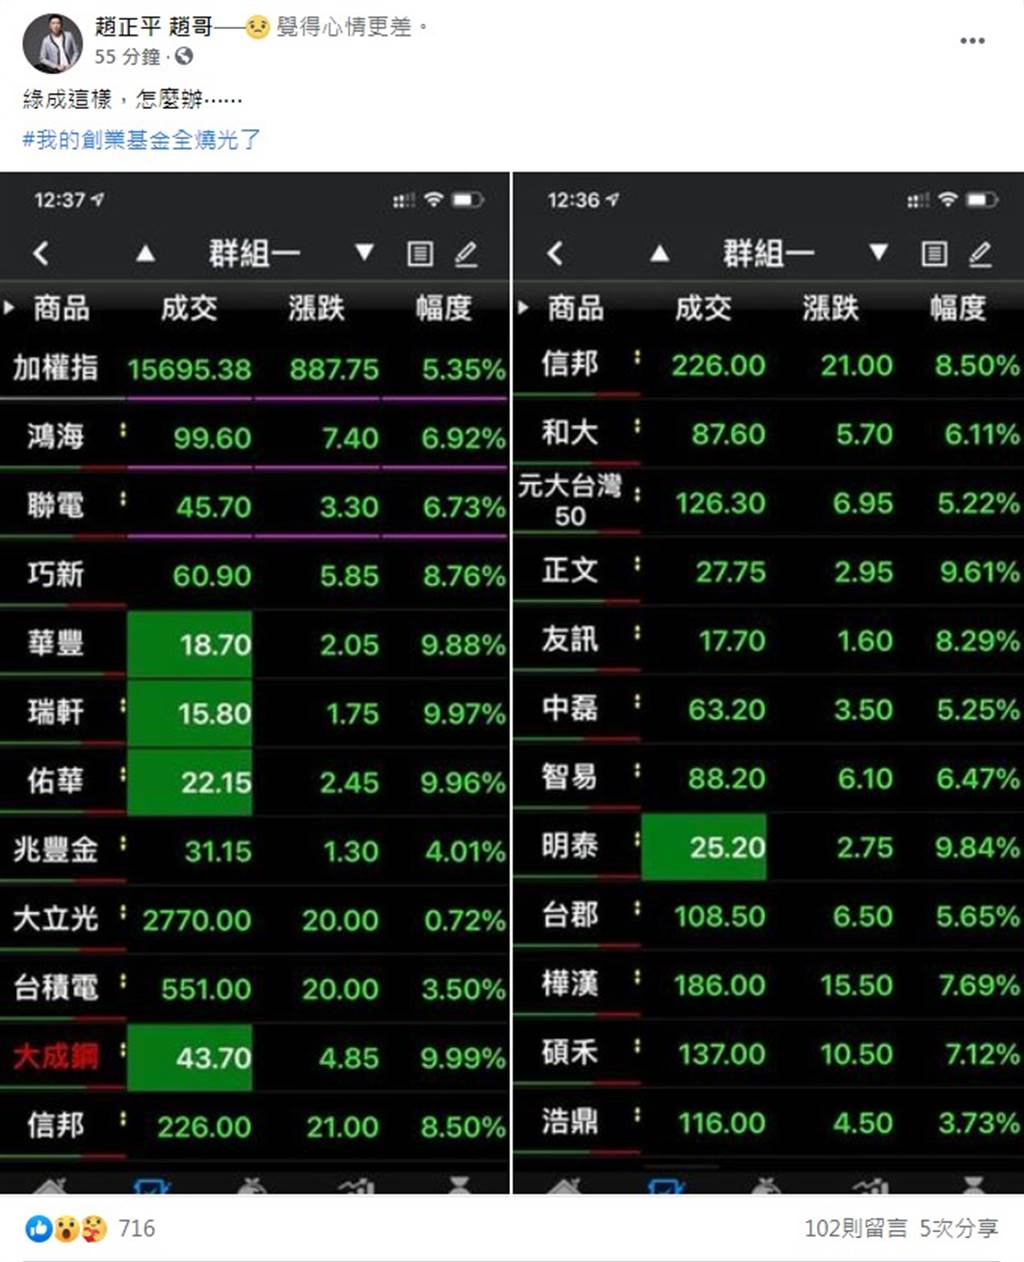 趙正平貼出一片慘綠的股票,痛心不已。(圖/FB@趙正平)